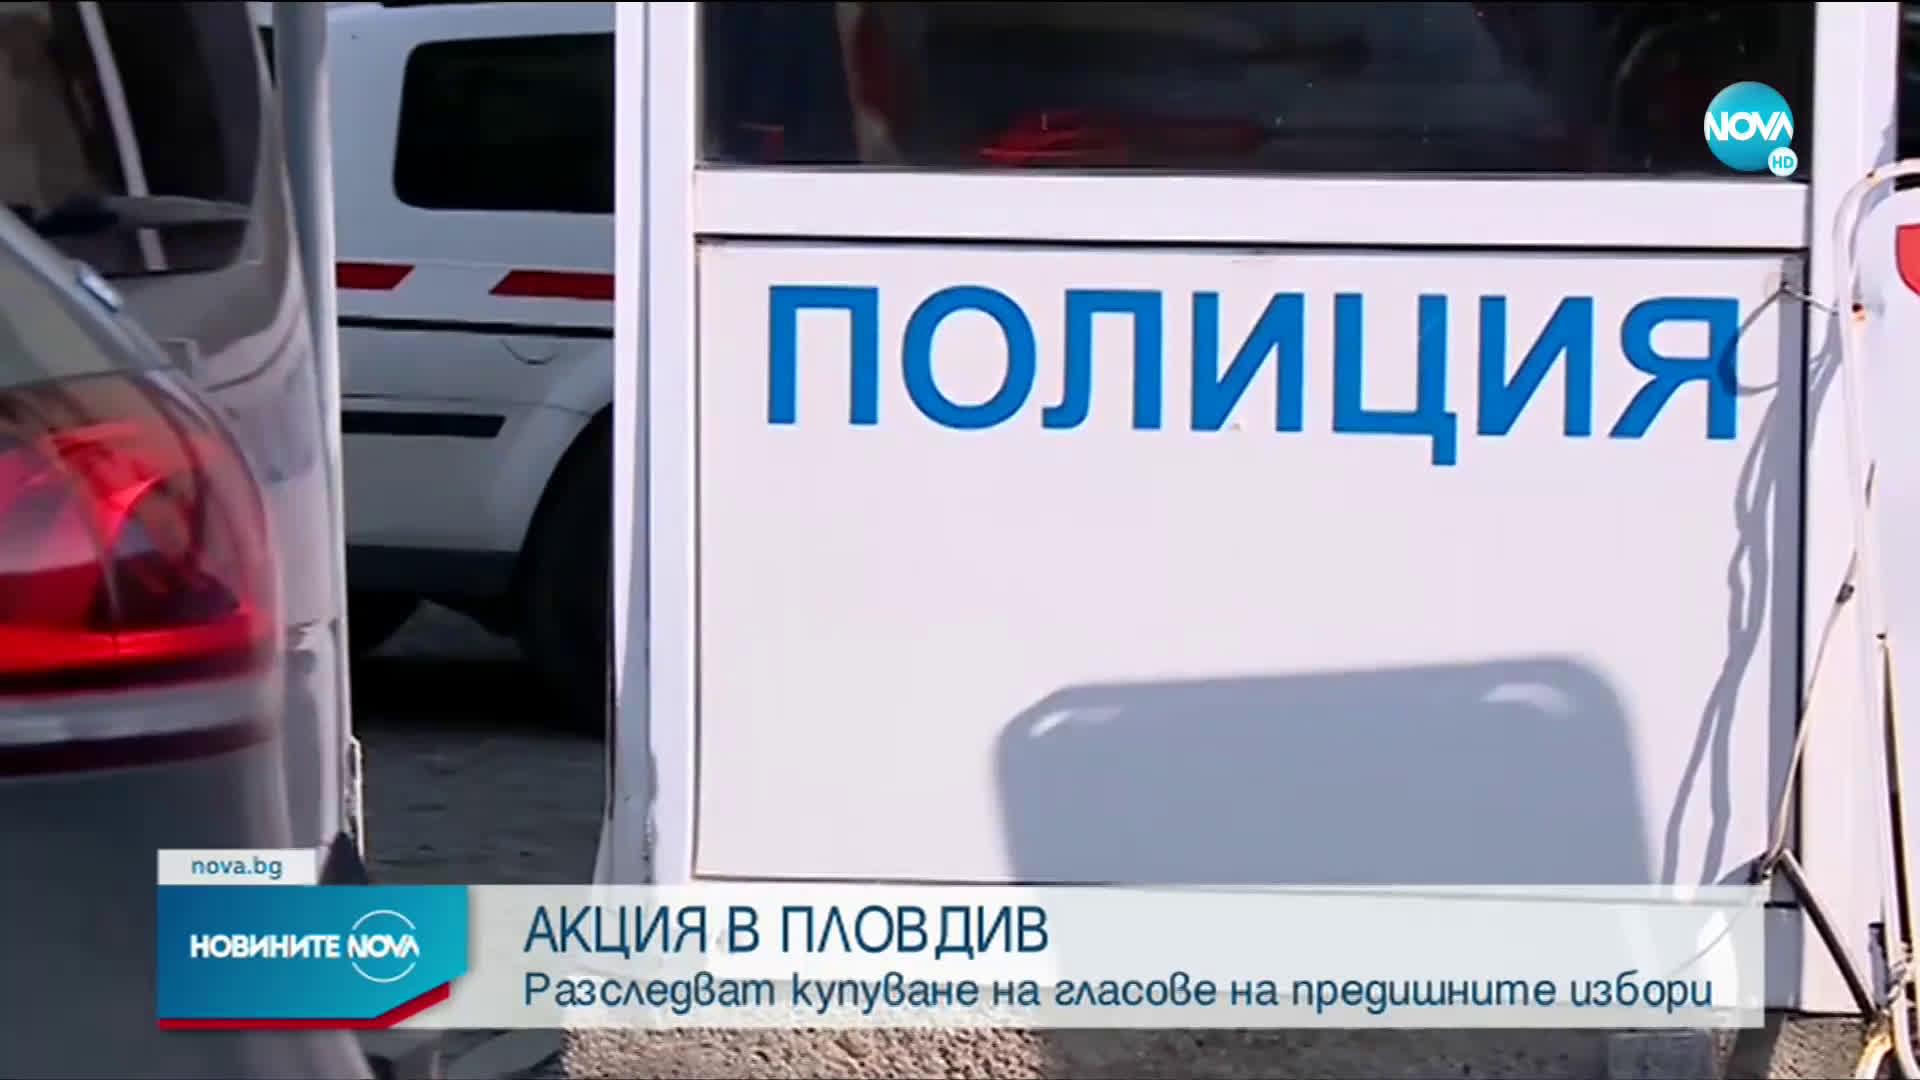 Нова акция срещу купуването на гласове в Пловдив и Варна